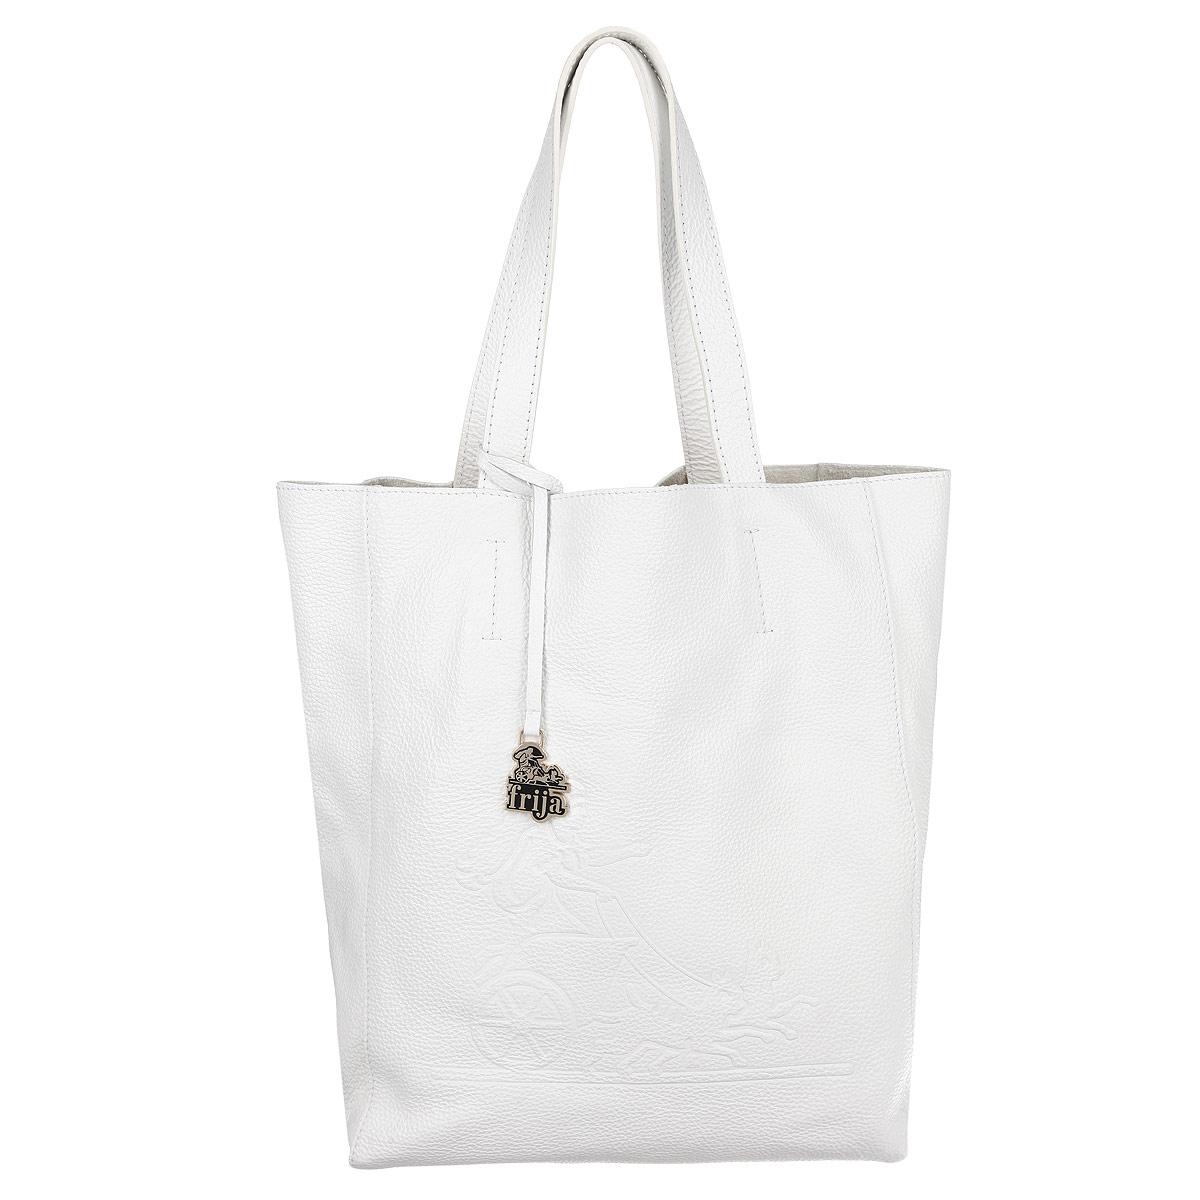 Сумка женская Frija, цвет: белый. 21-0200-1321-0200-13-FL/W/GСтильная и удобная женская сумка Frija выполнена из мягкой натуральной кожи с фактурной поверхностью. Лицевая сторона изделия оформлена оригинальным тиснением в виде логотипа бренда. Сумка имеет одно вместительное отделение, дополненное накладным карманом на застежке-молнии. Изюминка модели - текстильный вкладыш в главном отделении, который крепится к корпусу сумки при помощи кнопок, закрывается на удобную застежку-молнию. Внутри вкладыша - врезной карман на застежке-молнии. Сумка оснащена двумя удобными ручками, позволяющими носить её на плече. Изделие упаковано в фирменный чехол. Сумка Frija - это стильный аксессуар, который подчеркнет вашу изысканность и индивидуальность и сделает ваш образ завершенным.